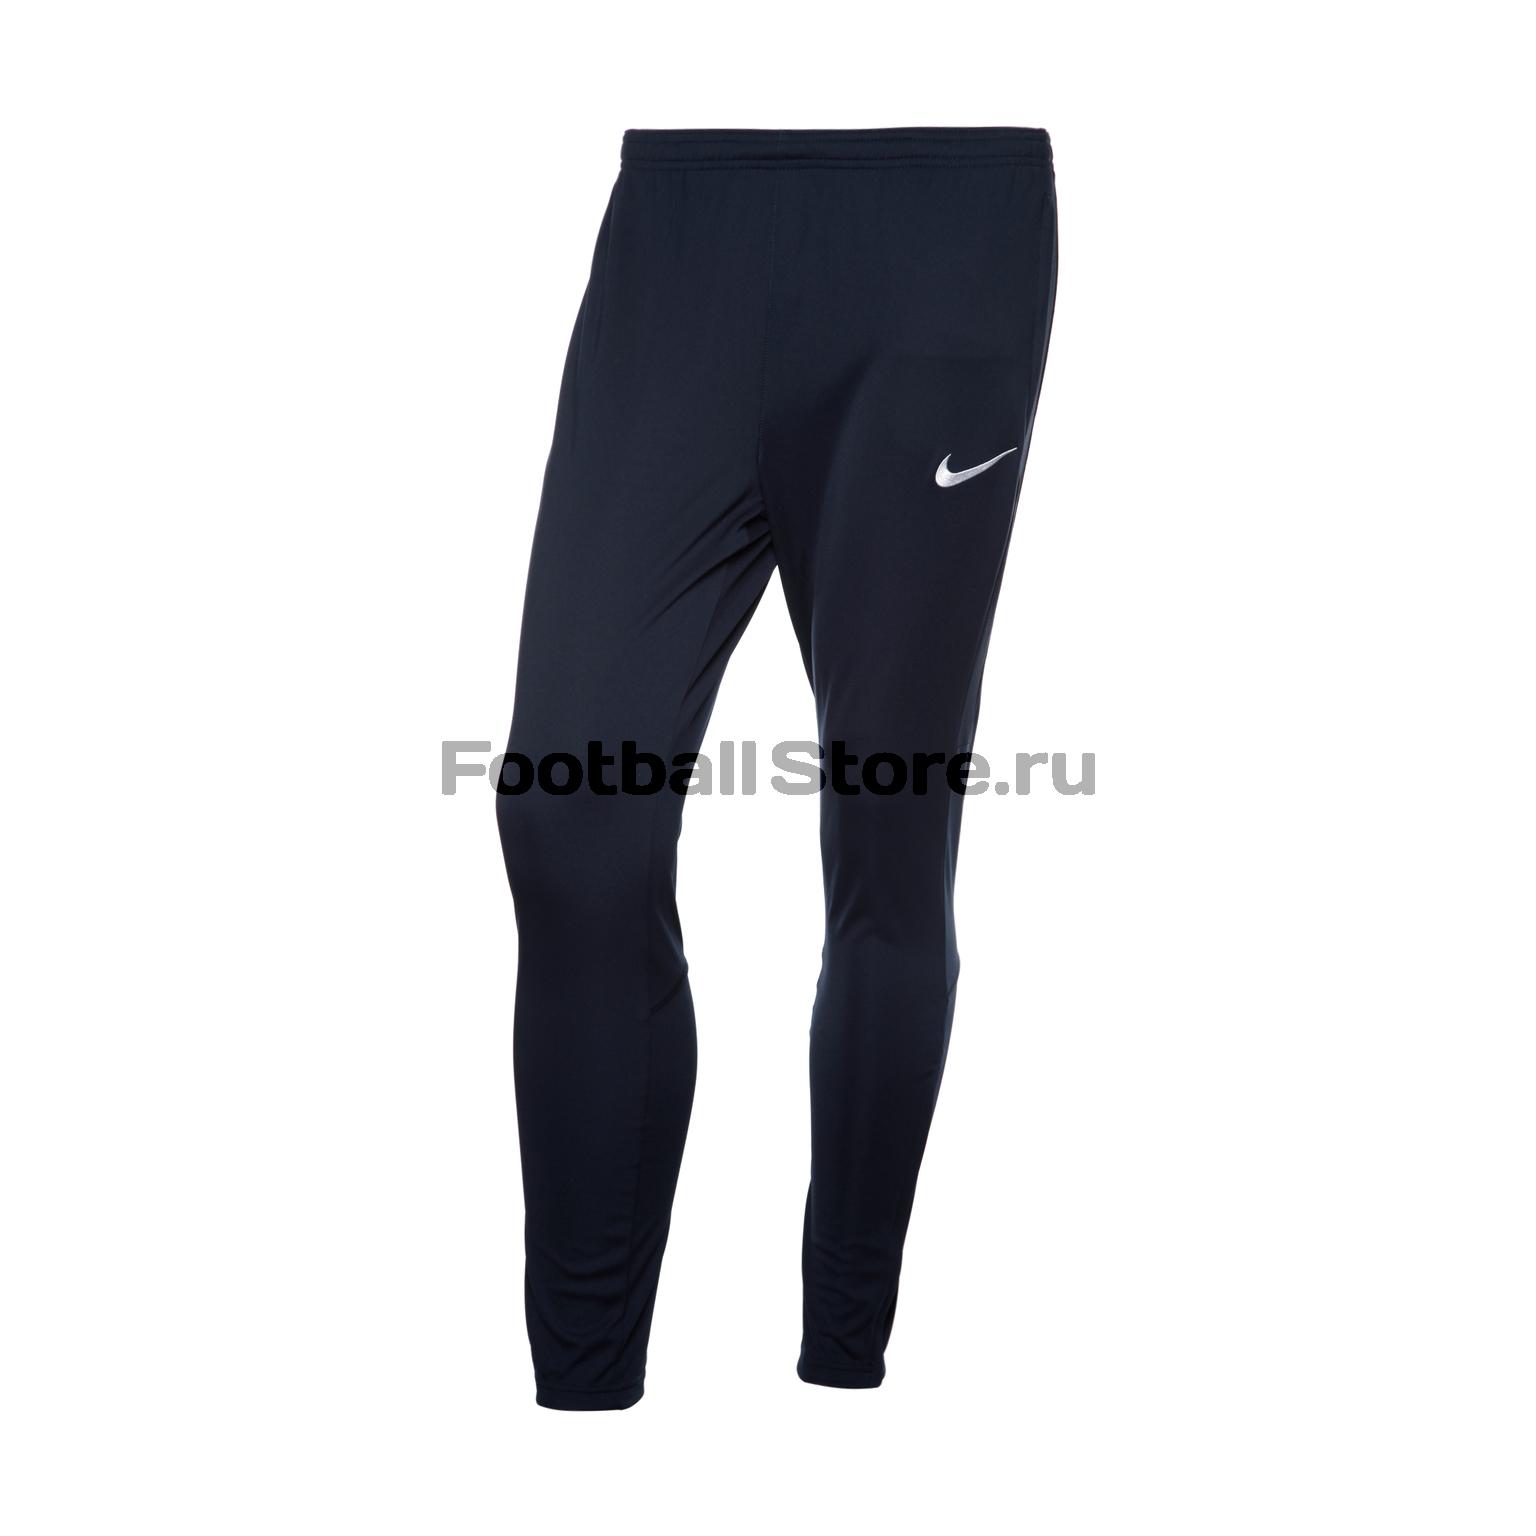 Брюки тренировочные Nike Dry Academy18 Pant 893652-451